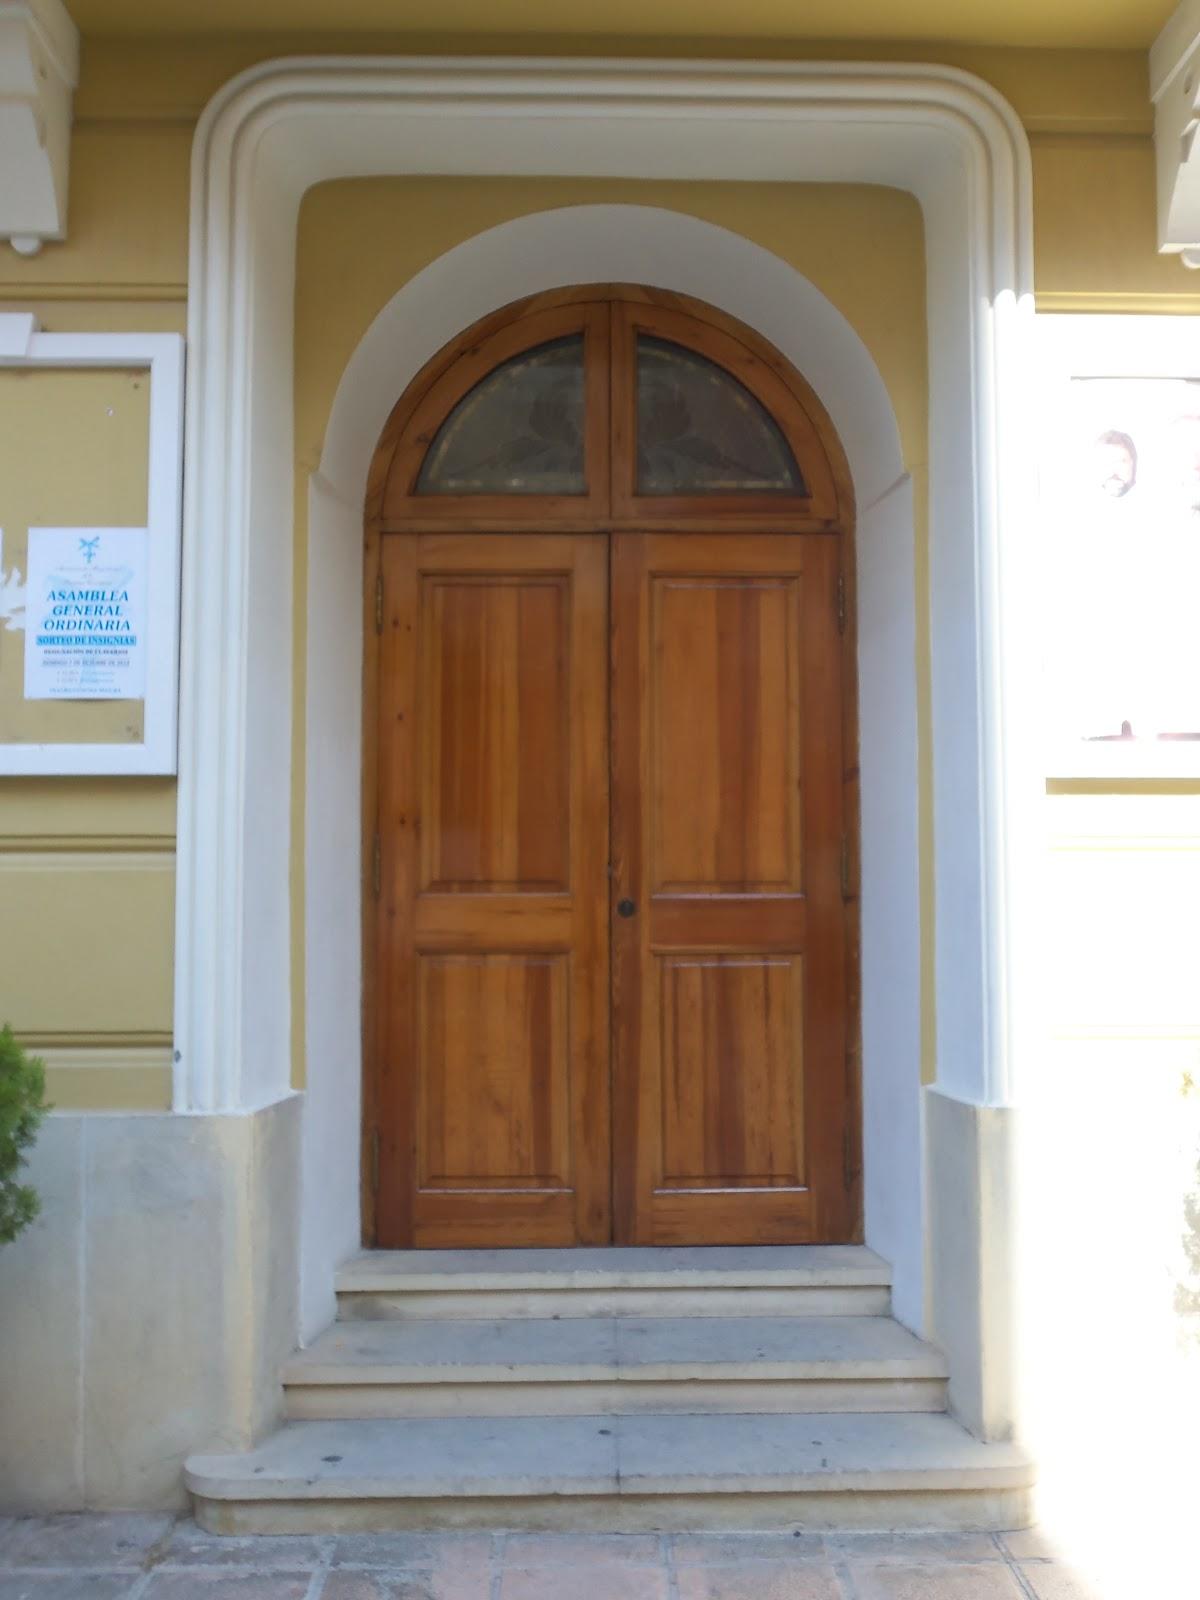 Puertas de madera en murcia top fotos with puertas de madera en murcia ejemplos de web seo - Puertas de garaje murcia ...